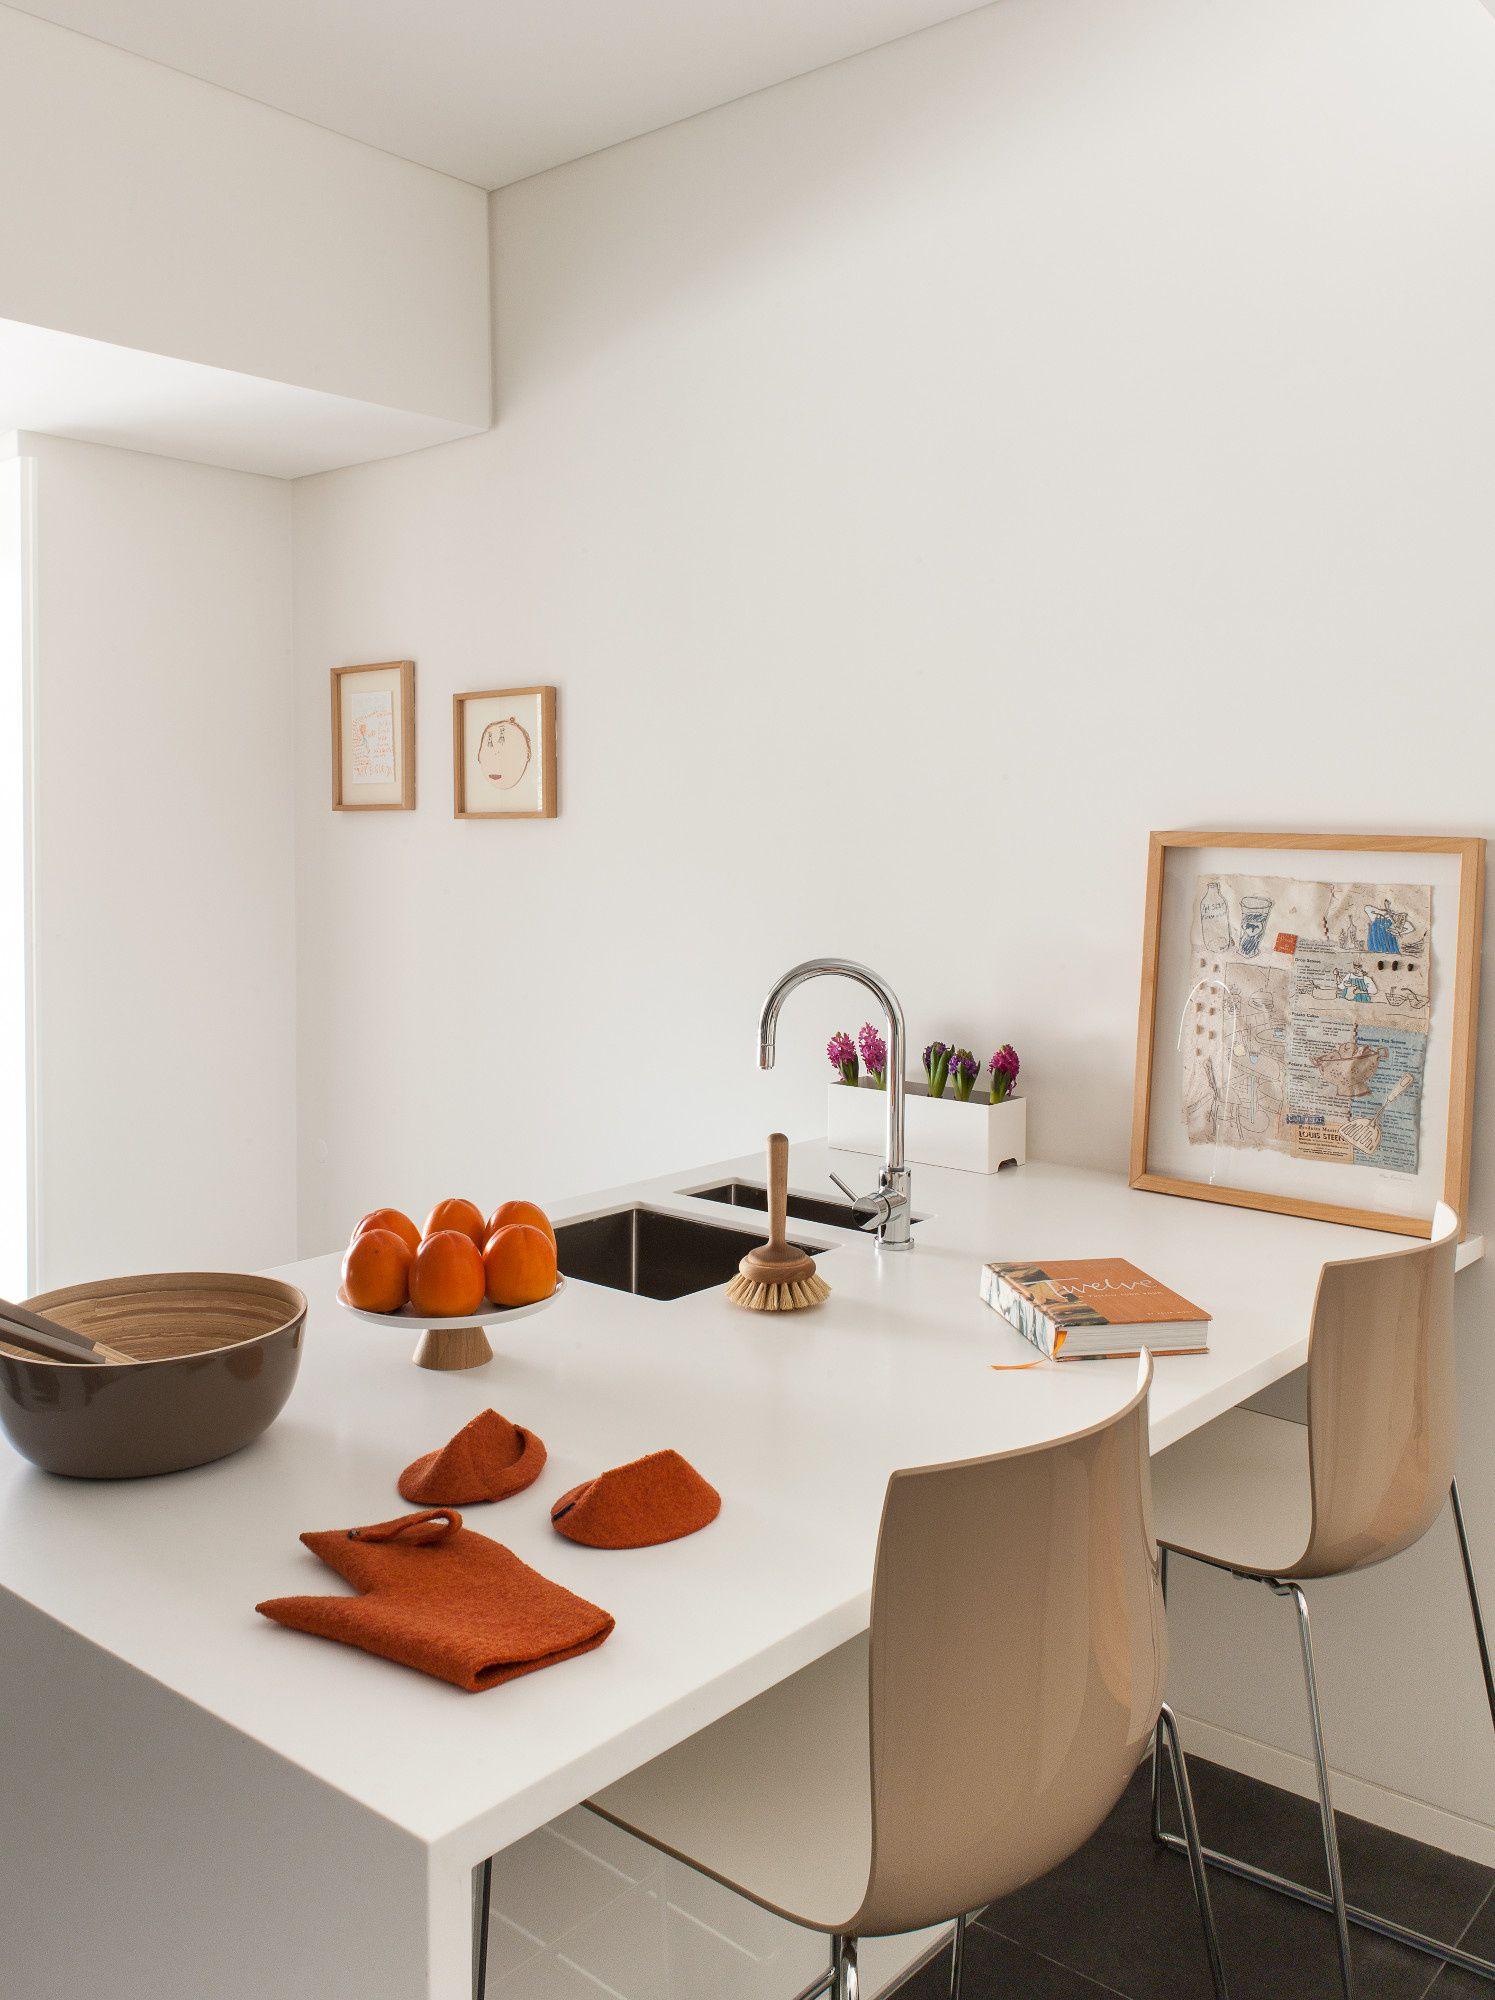 La barra - AD España, © Atelier Ligia Casanova